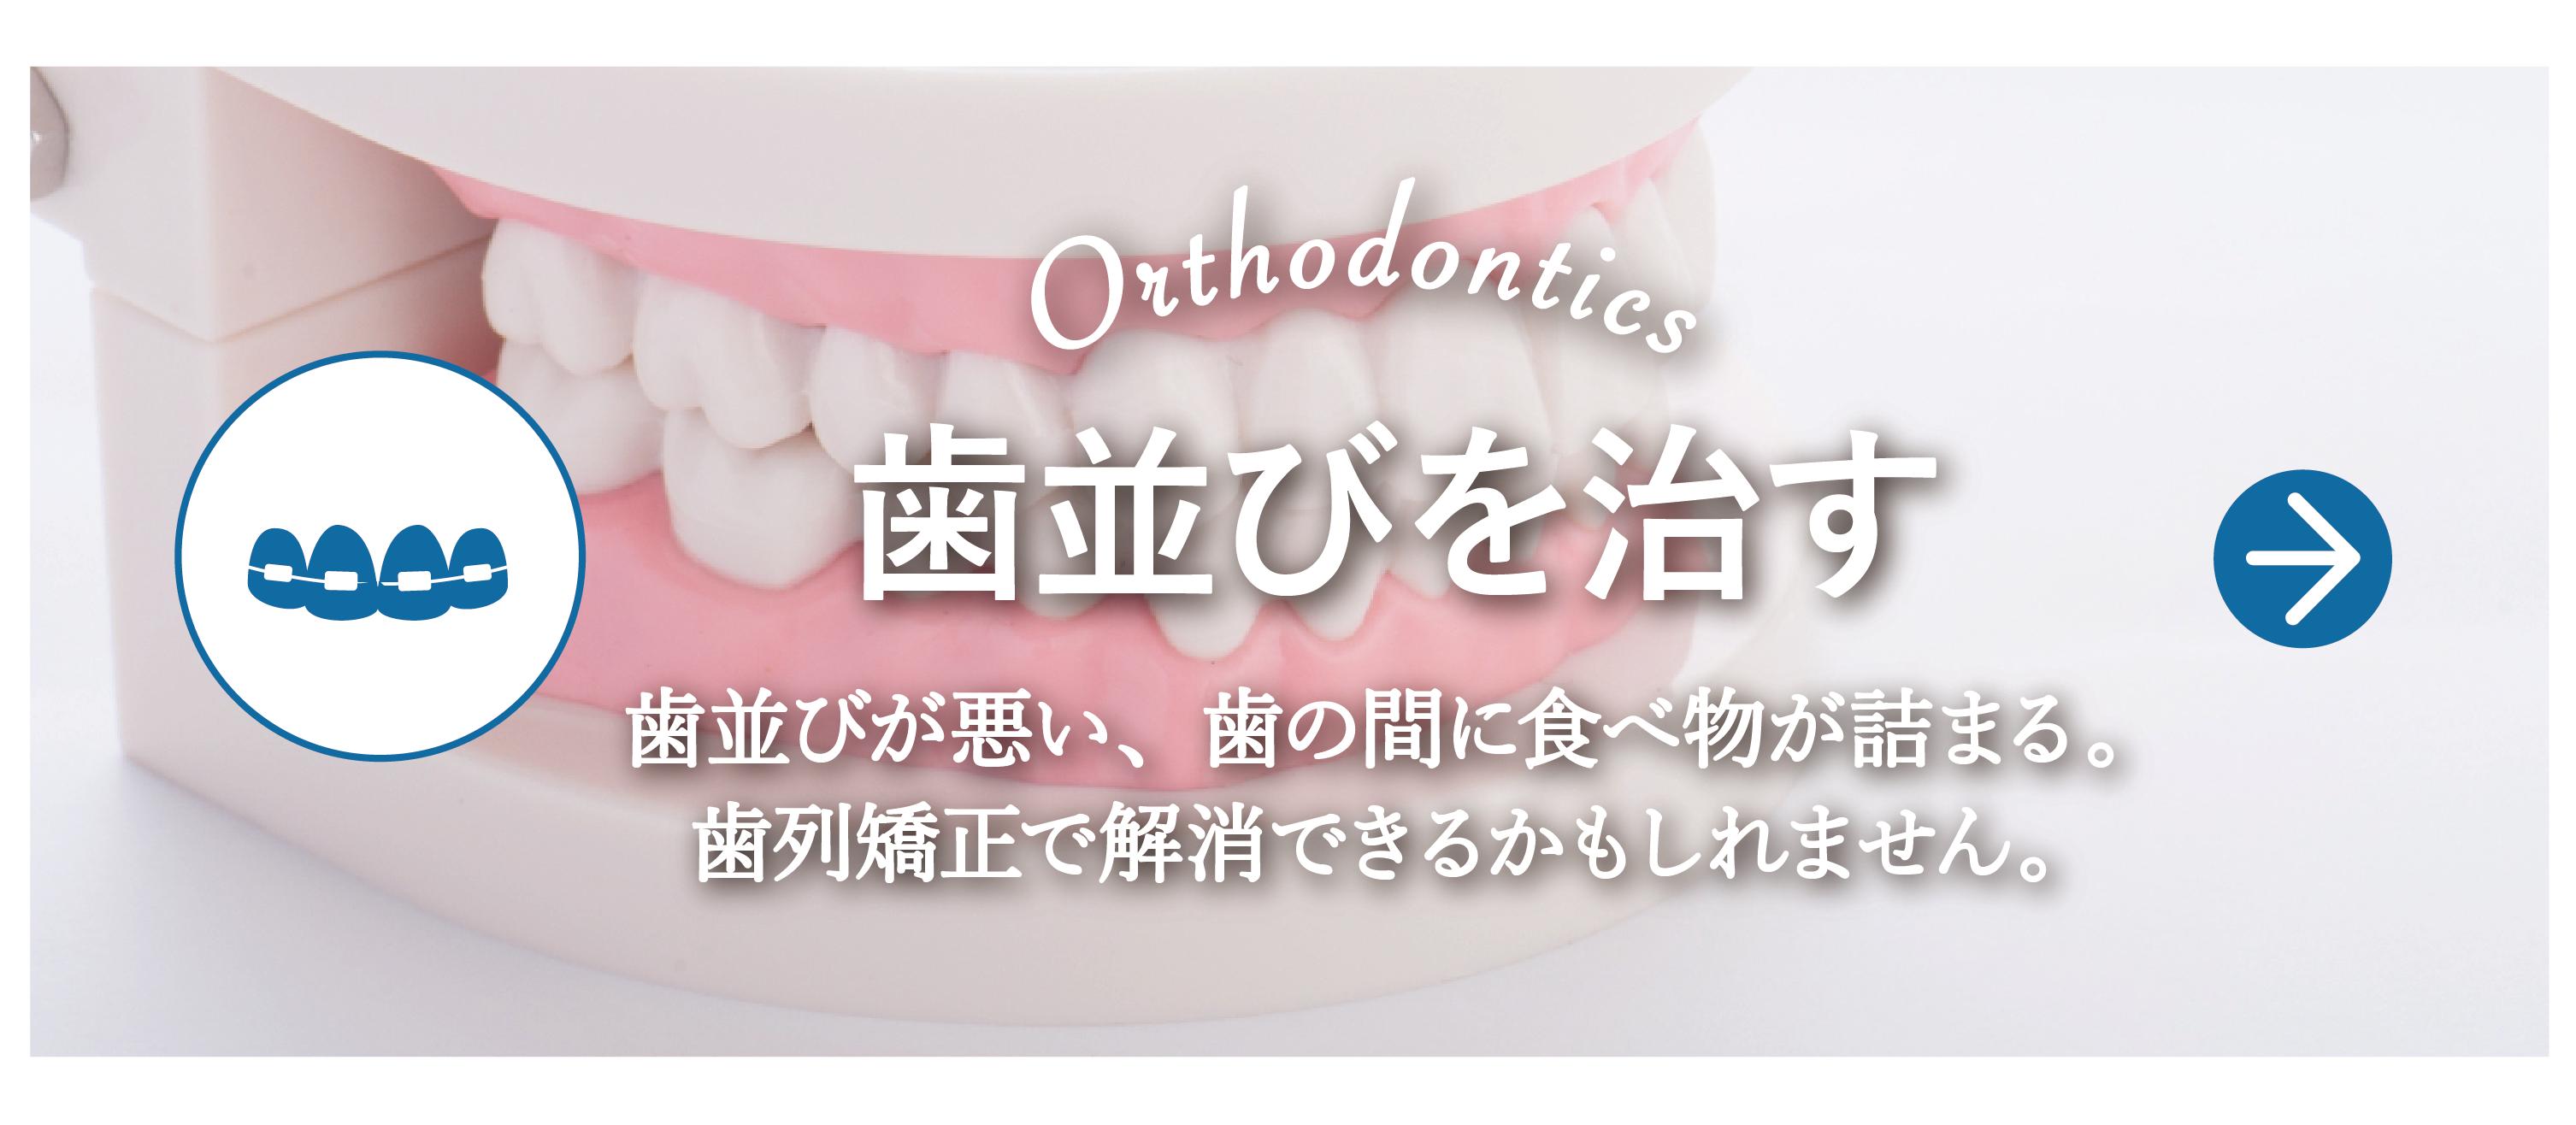 歯並びを治す 矯正